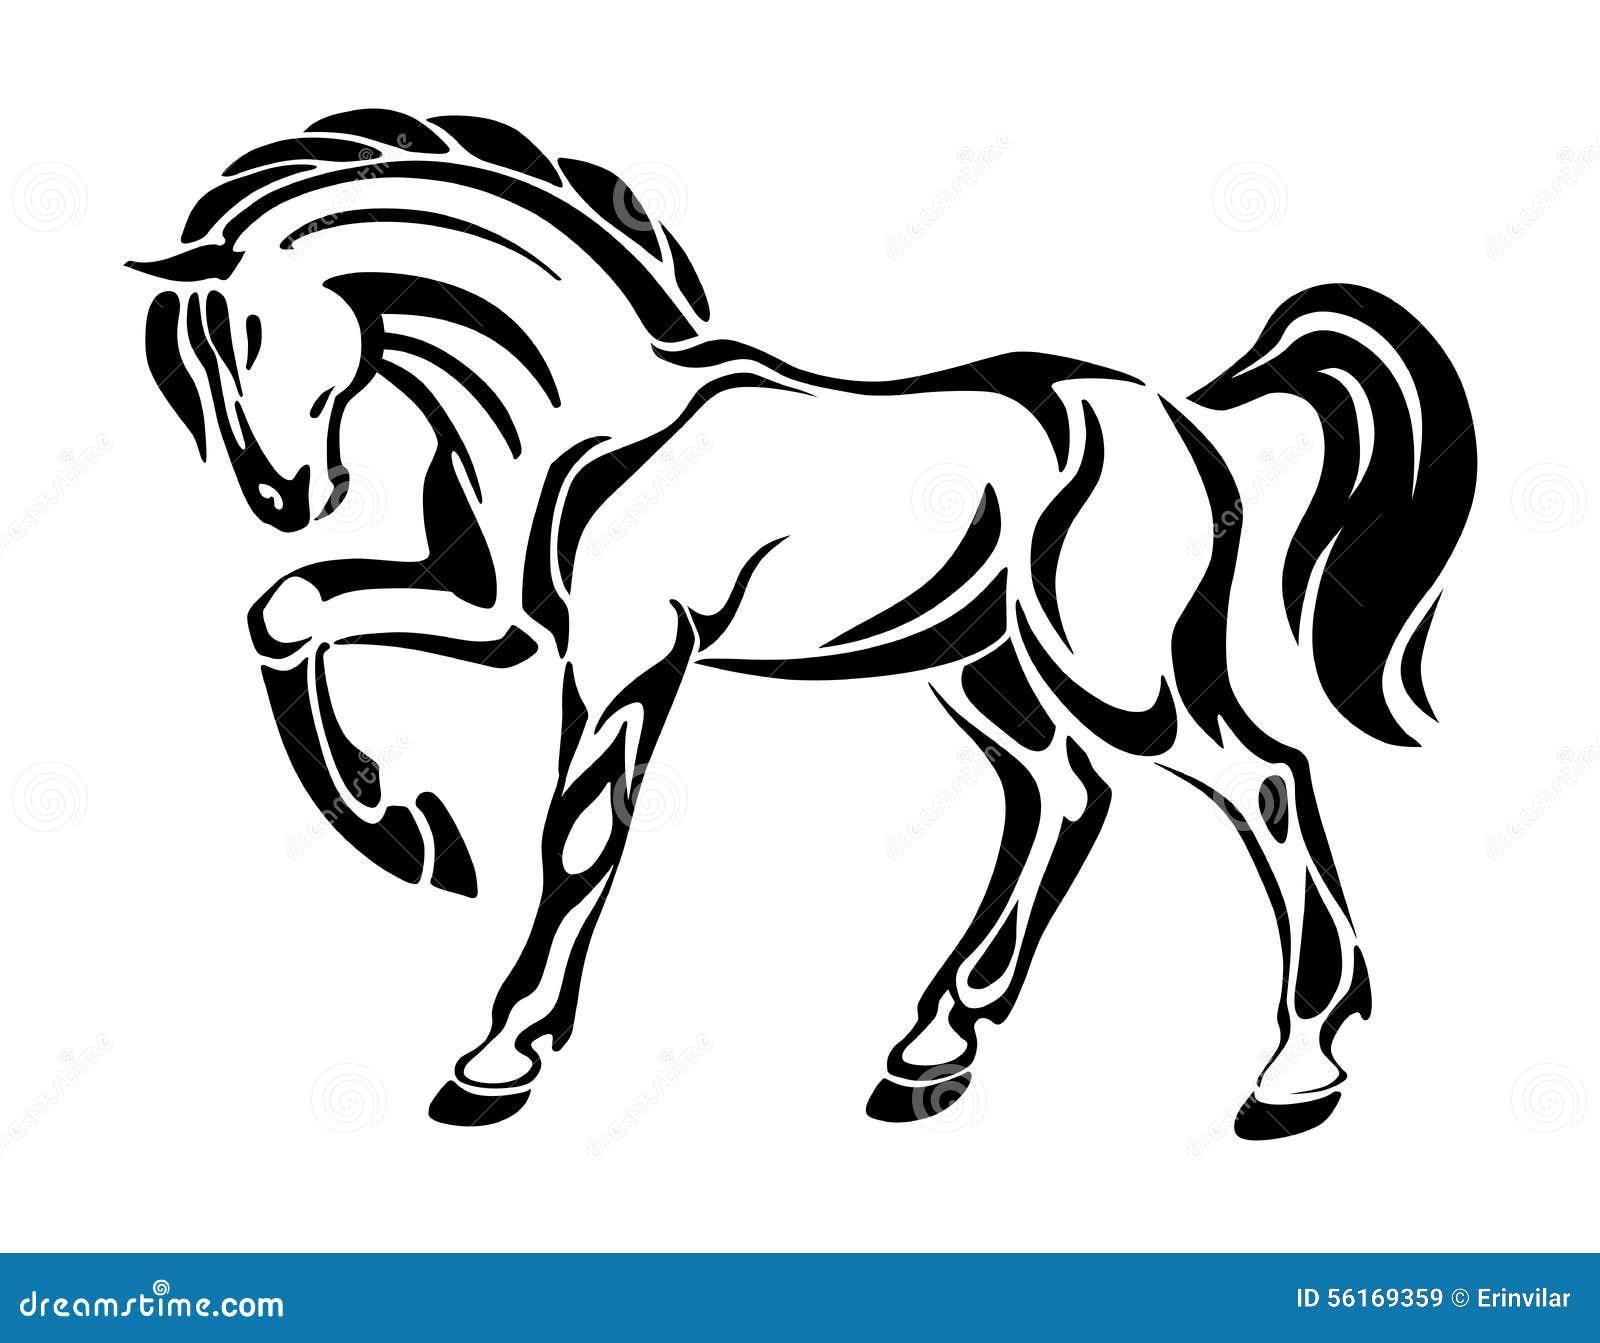 tatouage de cheval dessin graphique stylis de vecteur illustration de vecteur image 56169359. Black Bedroom Furniture Sets. Home Design Ideas